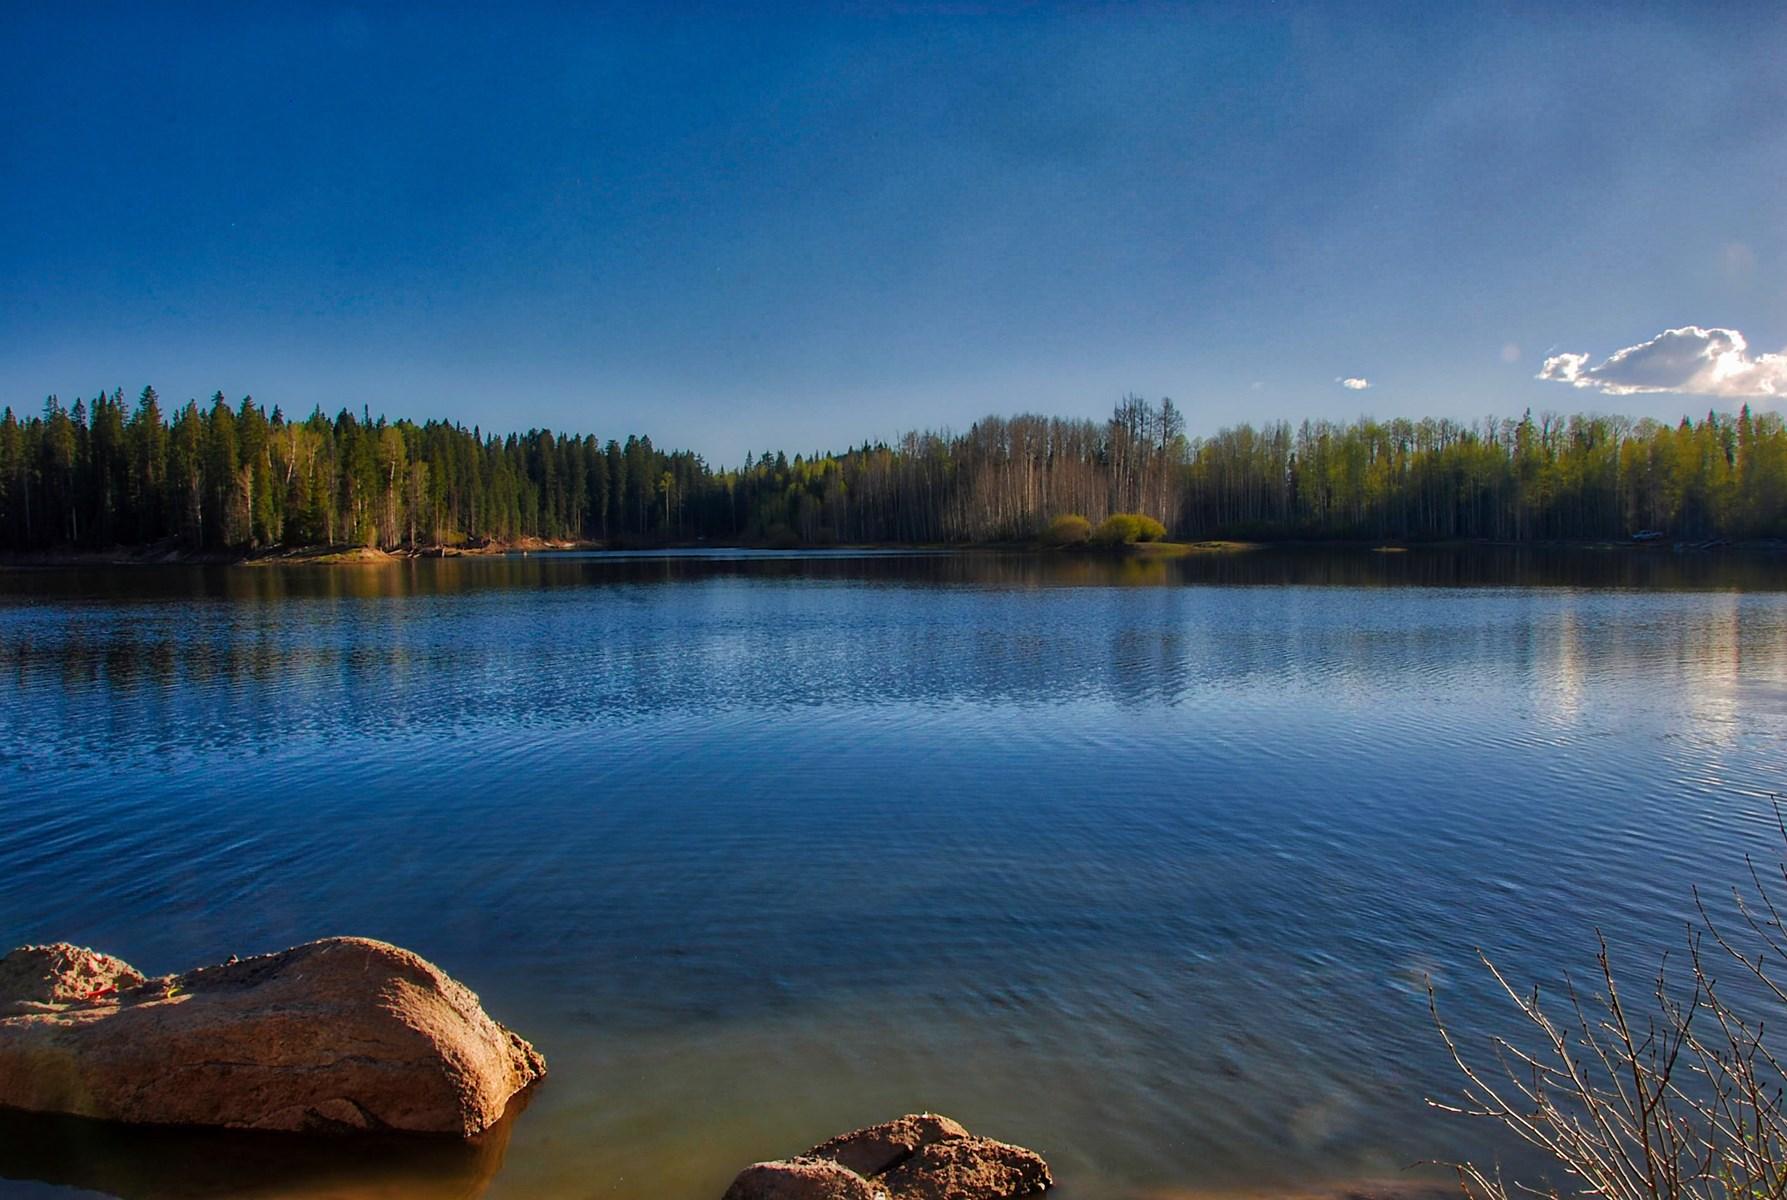 The Buckhorn Lakes